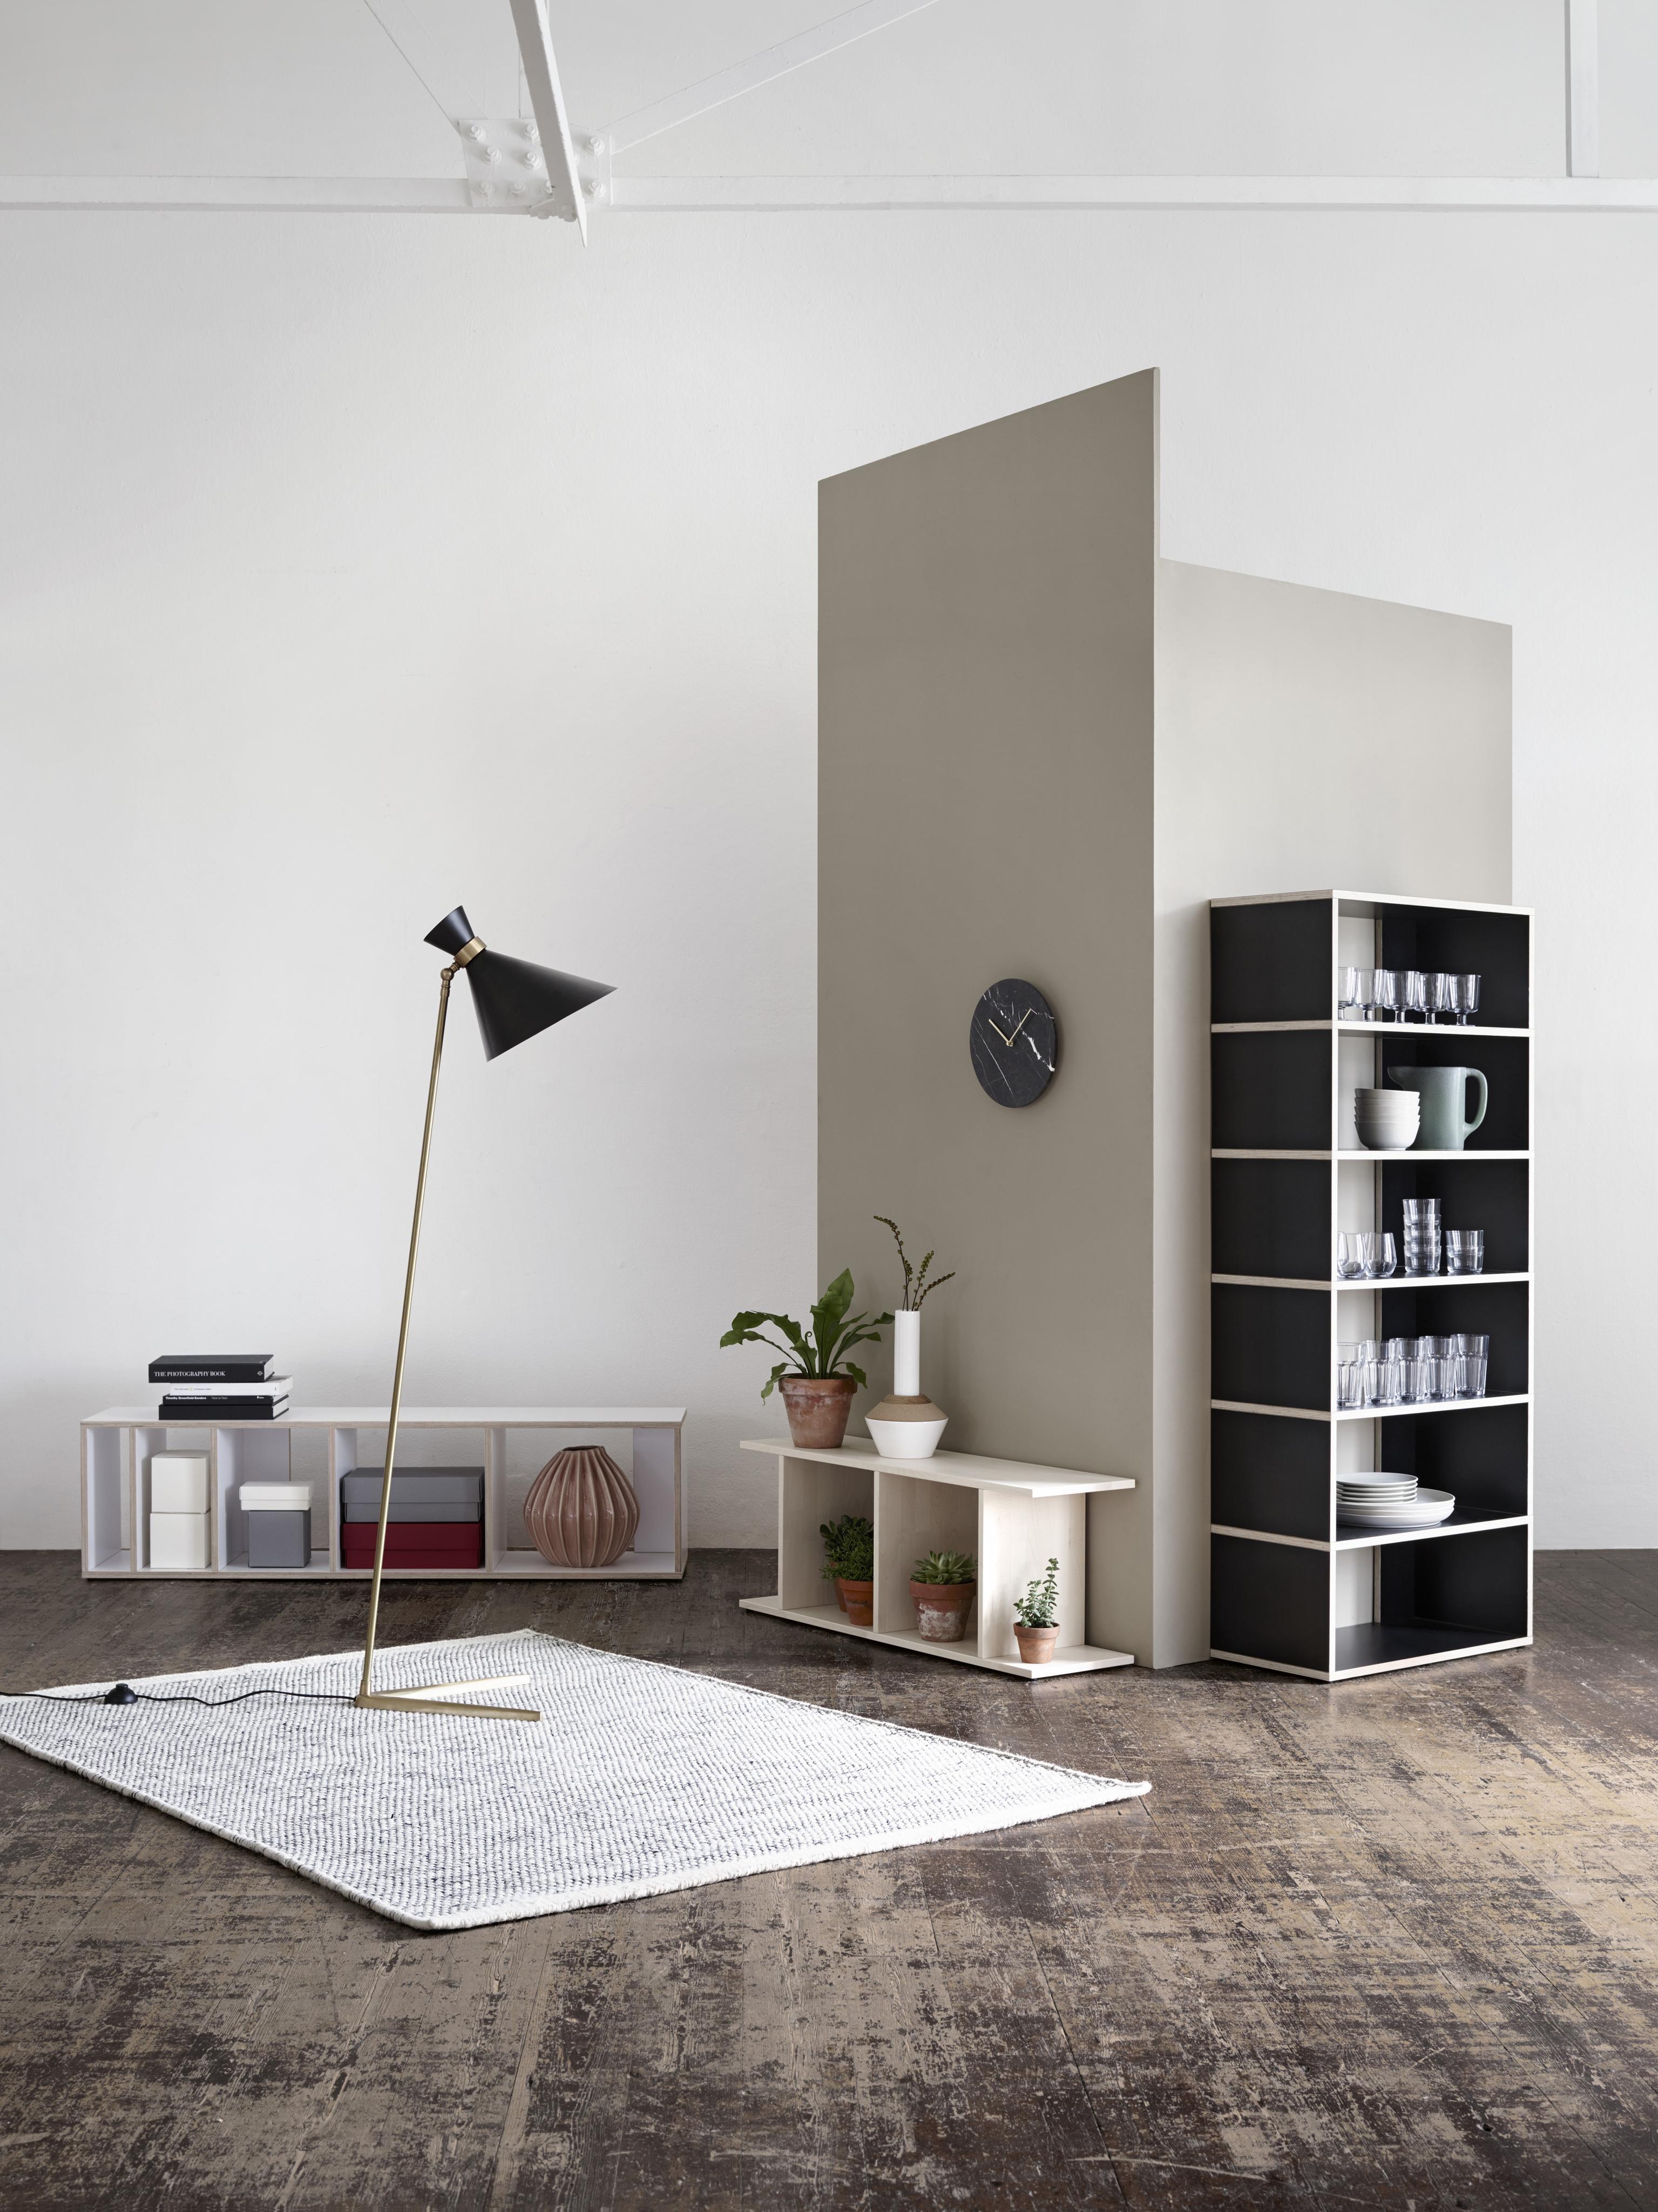 wohnzimmer regal elegant wohnzimmer regalwand u abomaheber wohnzimmer with wohnzimmer regal. Black Bedroom Furniture Sets. Home Design Ideas